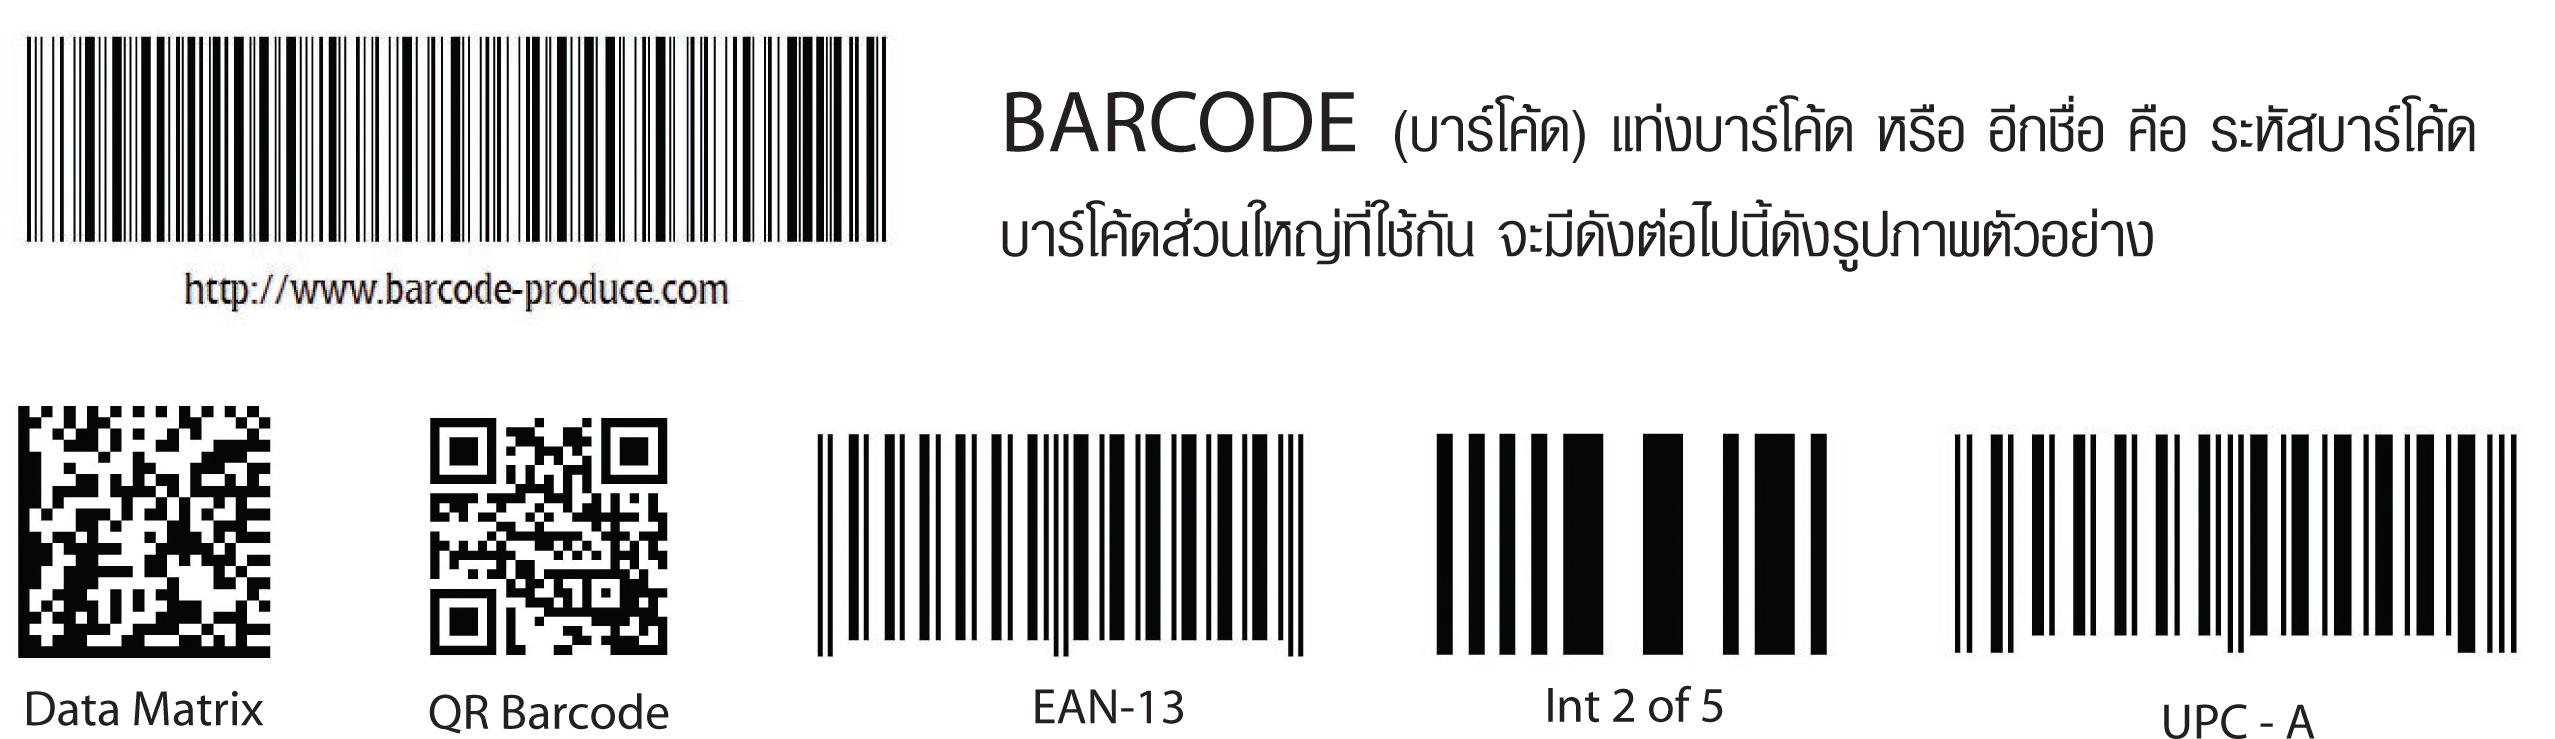 Barcode บาร์โค้ด คืออะไร และ กี่ประเภท